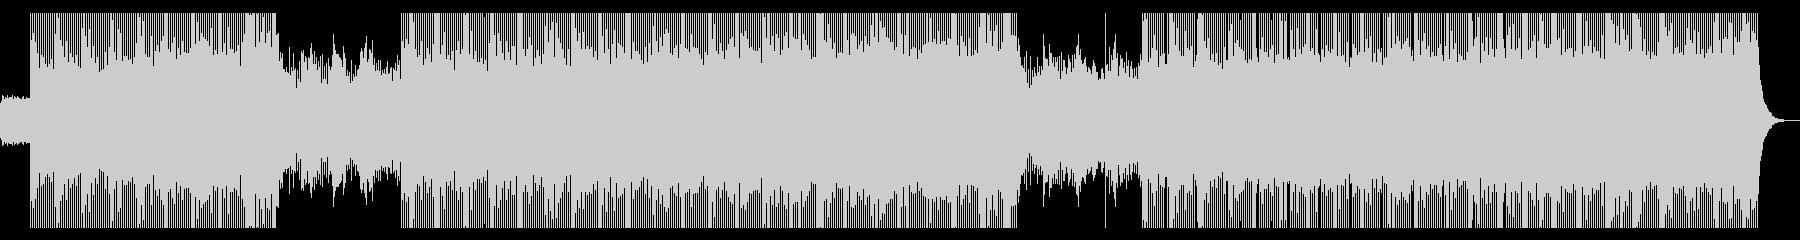 懐かしさを覚えるシンセウェイブの未再生の波形